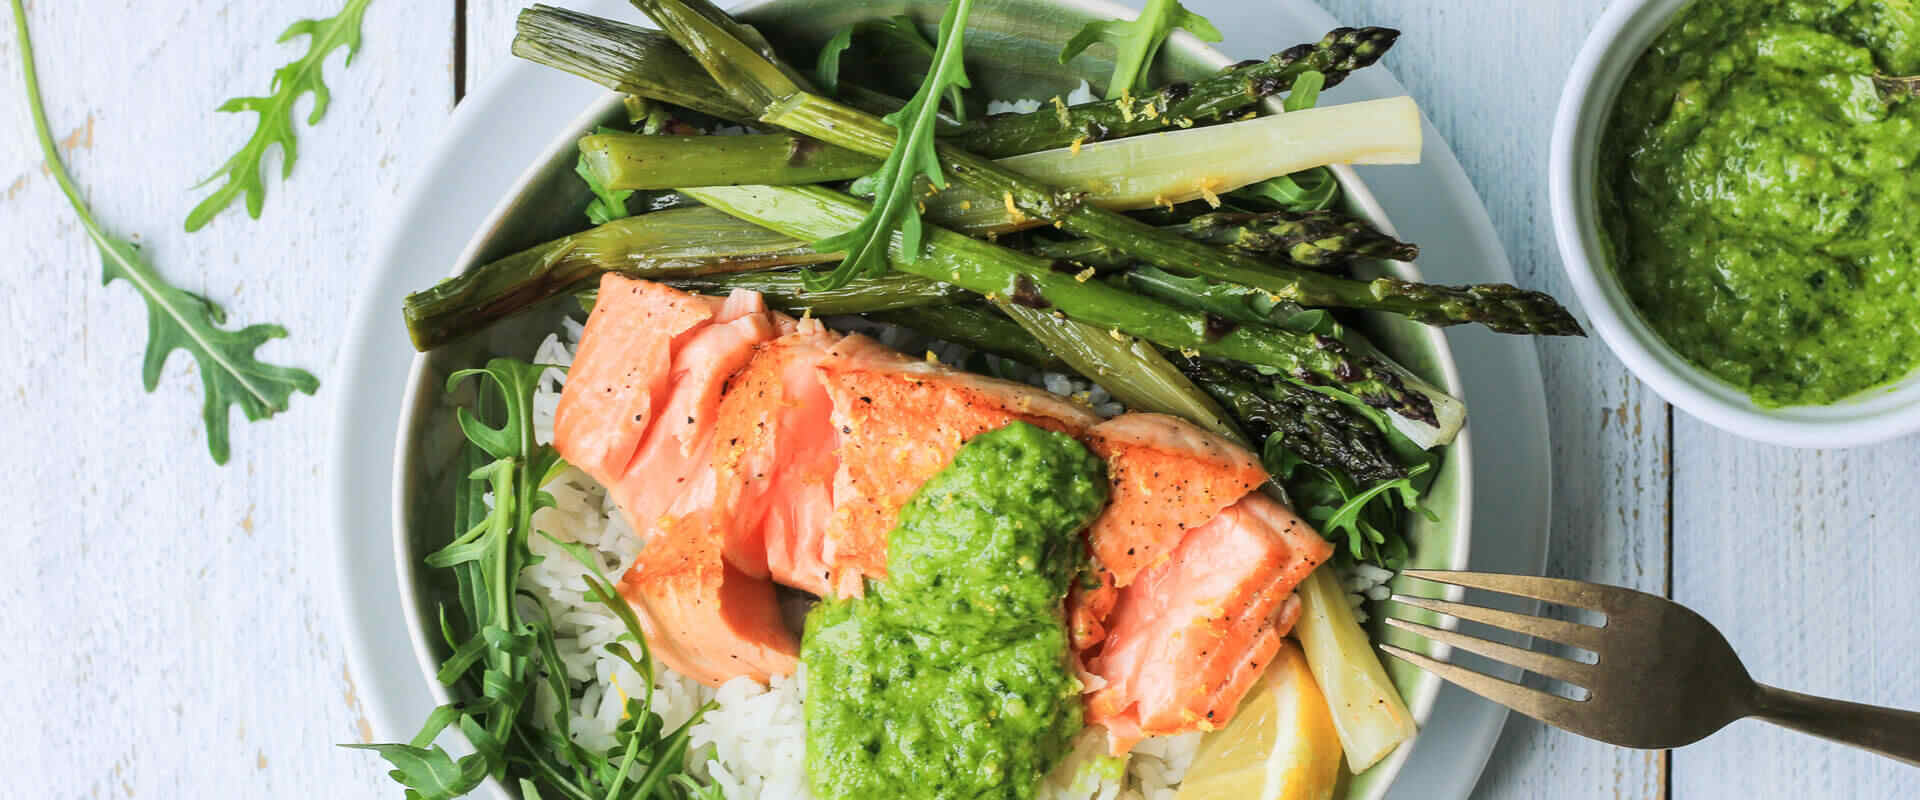 Grüner Spargel aus dem Ofen mit Lachs und Basilikum Pesto